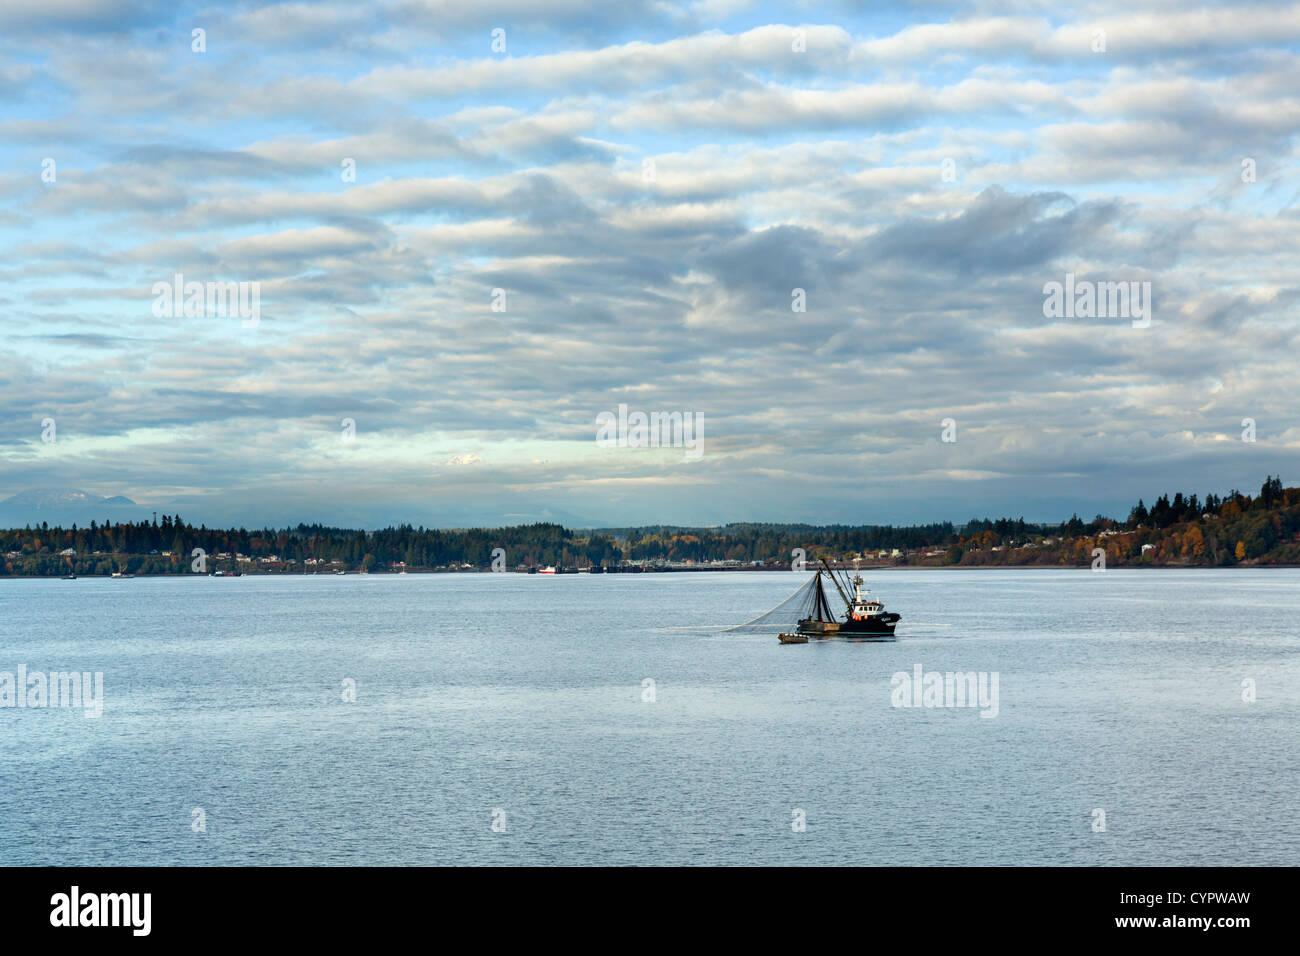 Bateau de pêche au large de la péninsule Olympique vu de Washington State Ferry, Puget Sound entre Kingston Photo Stock